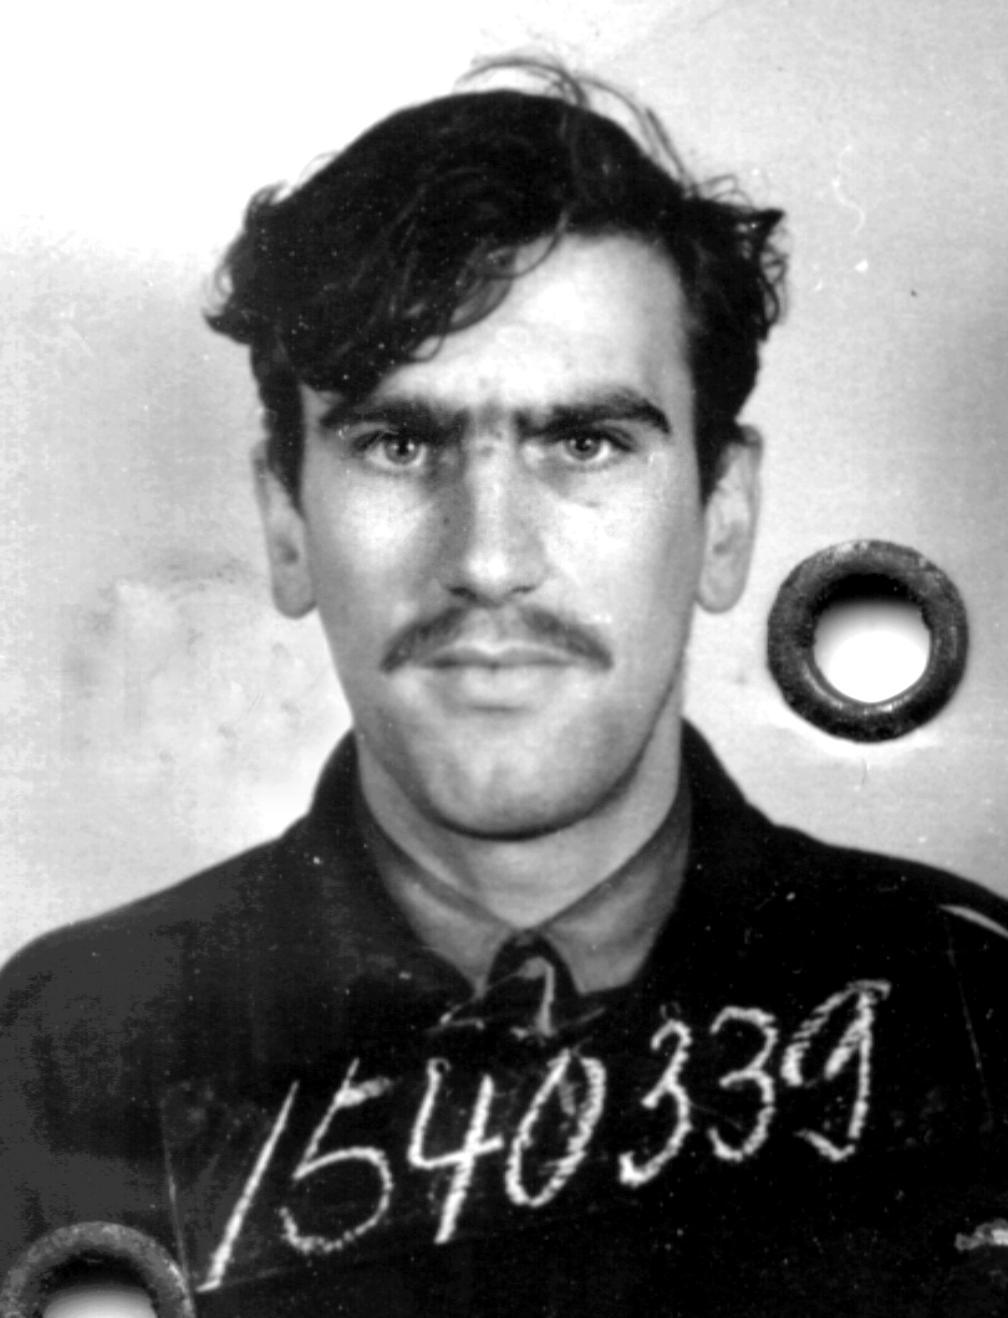 My dad's Prisoner of War ID photo